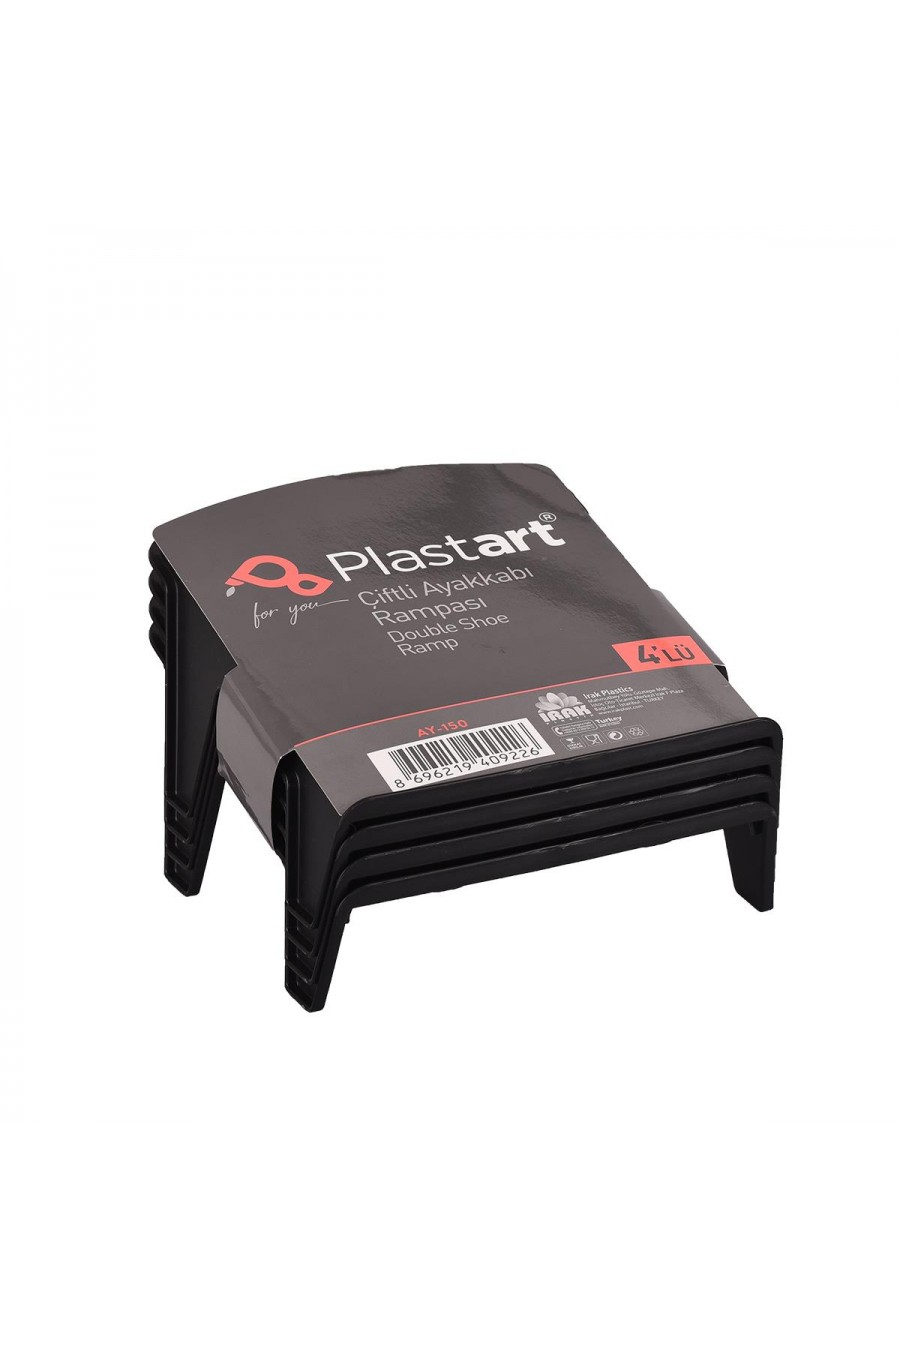 PlastArt 4 ad. Çiftli Ayakkabı Rampası